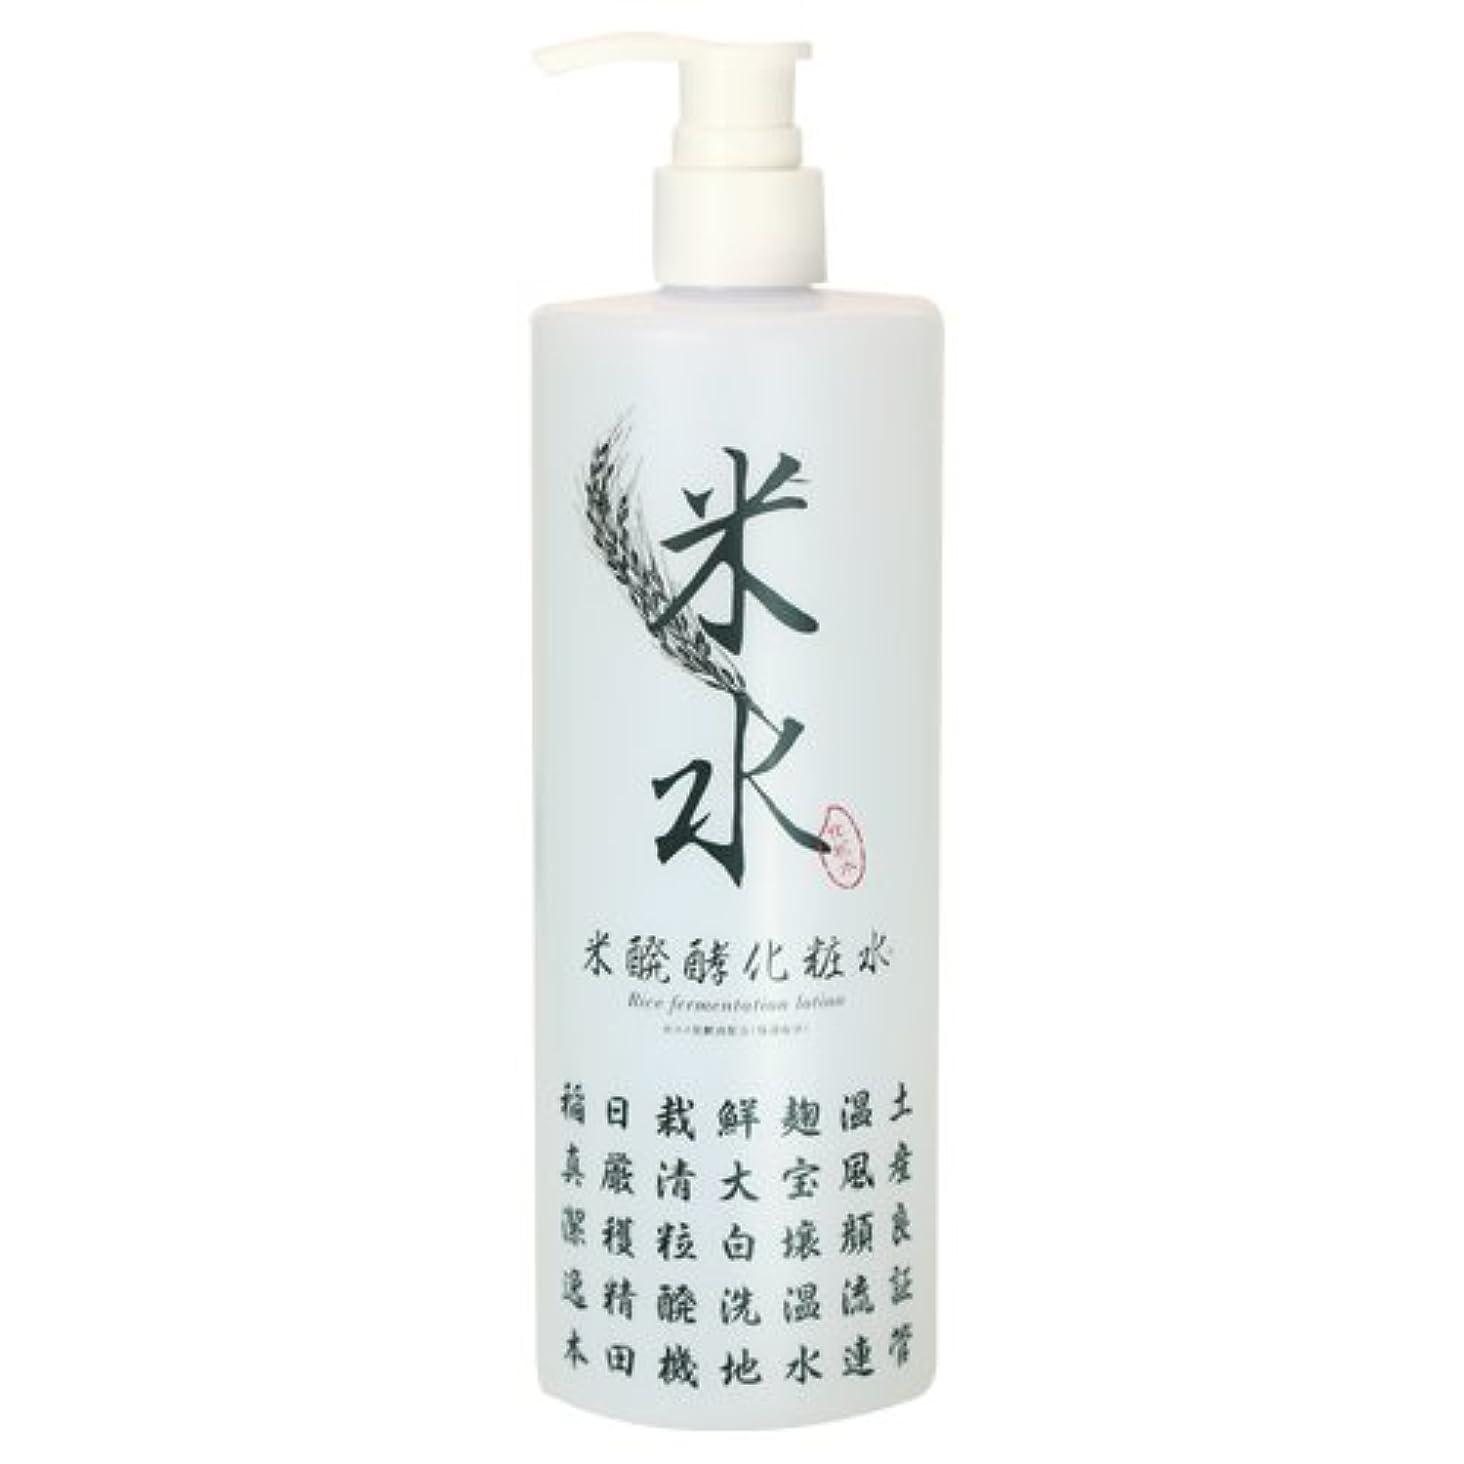 びっくりした浪費好戦的な米発酵化粧水 500ml